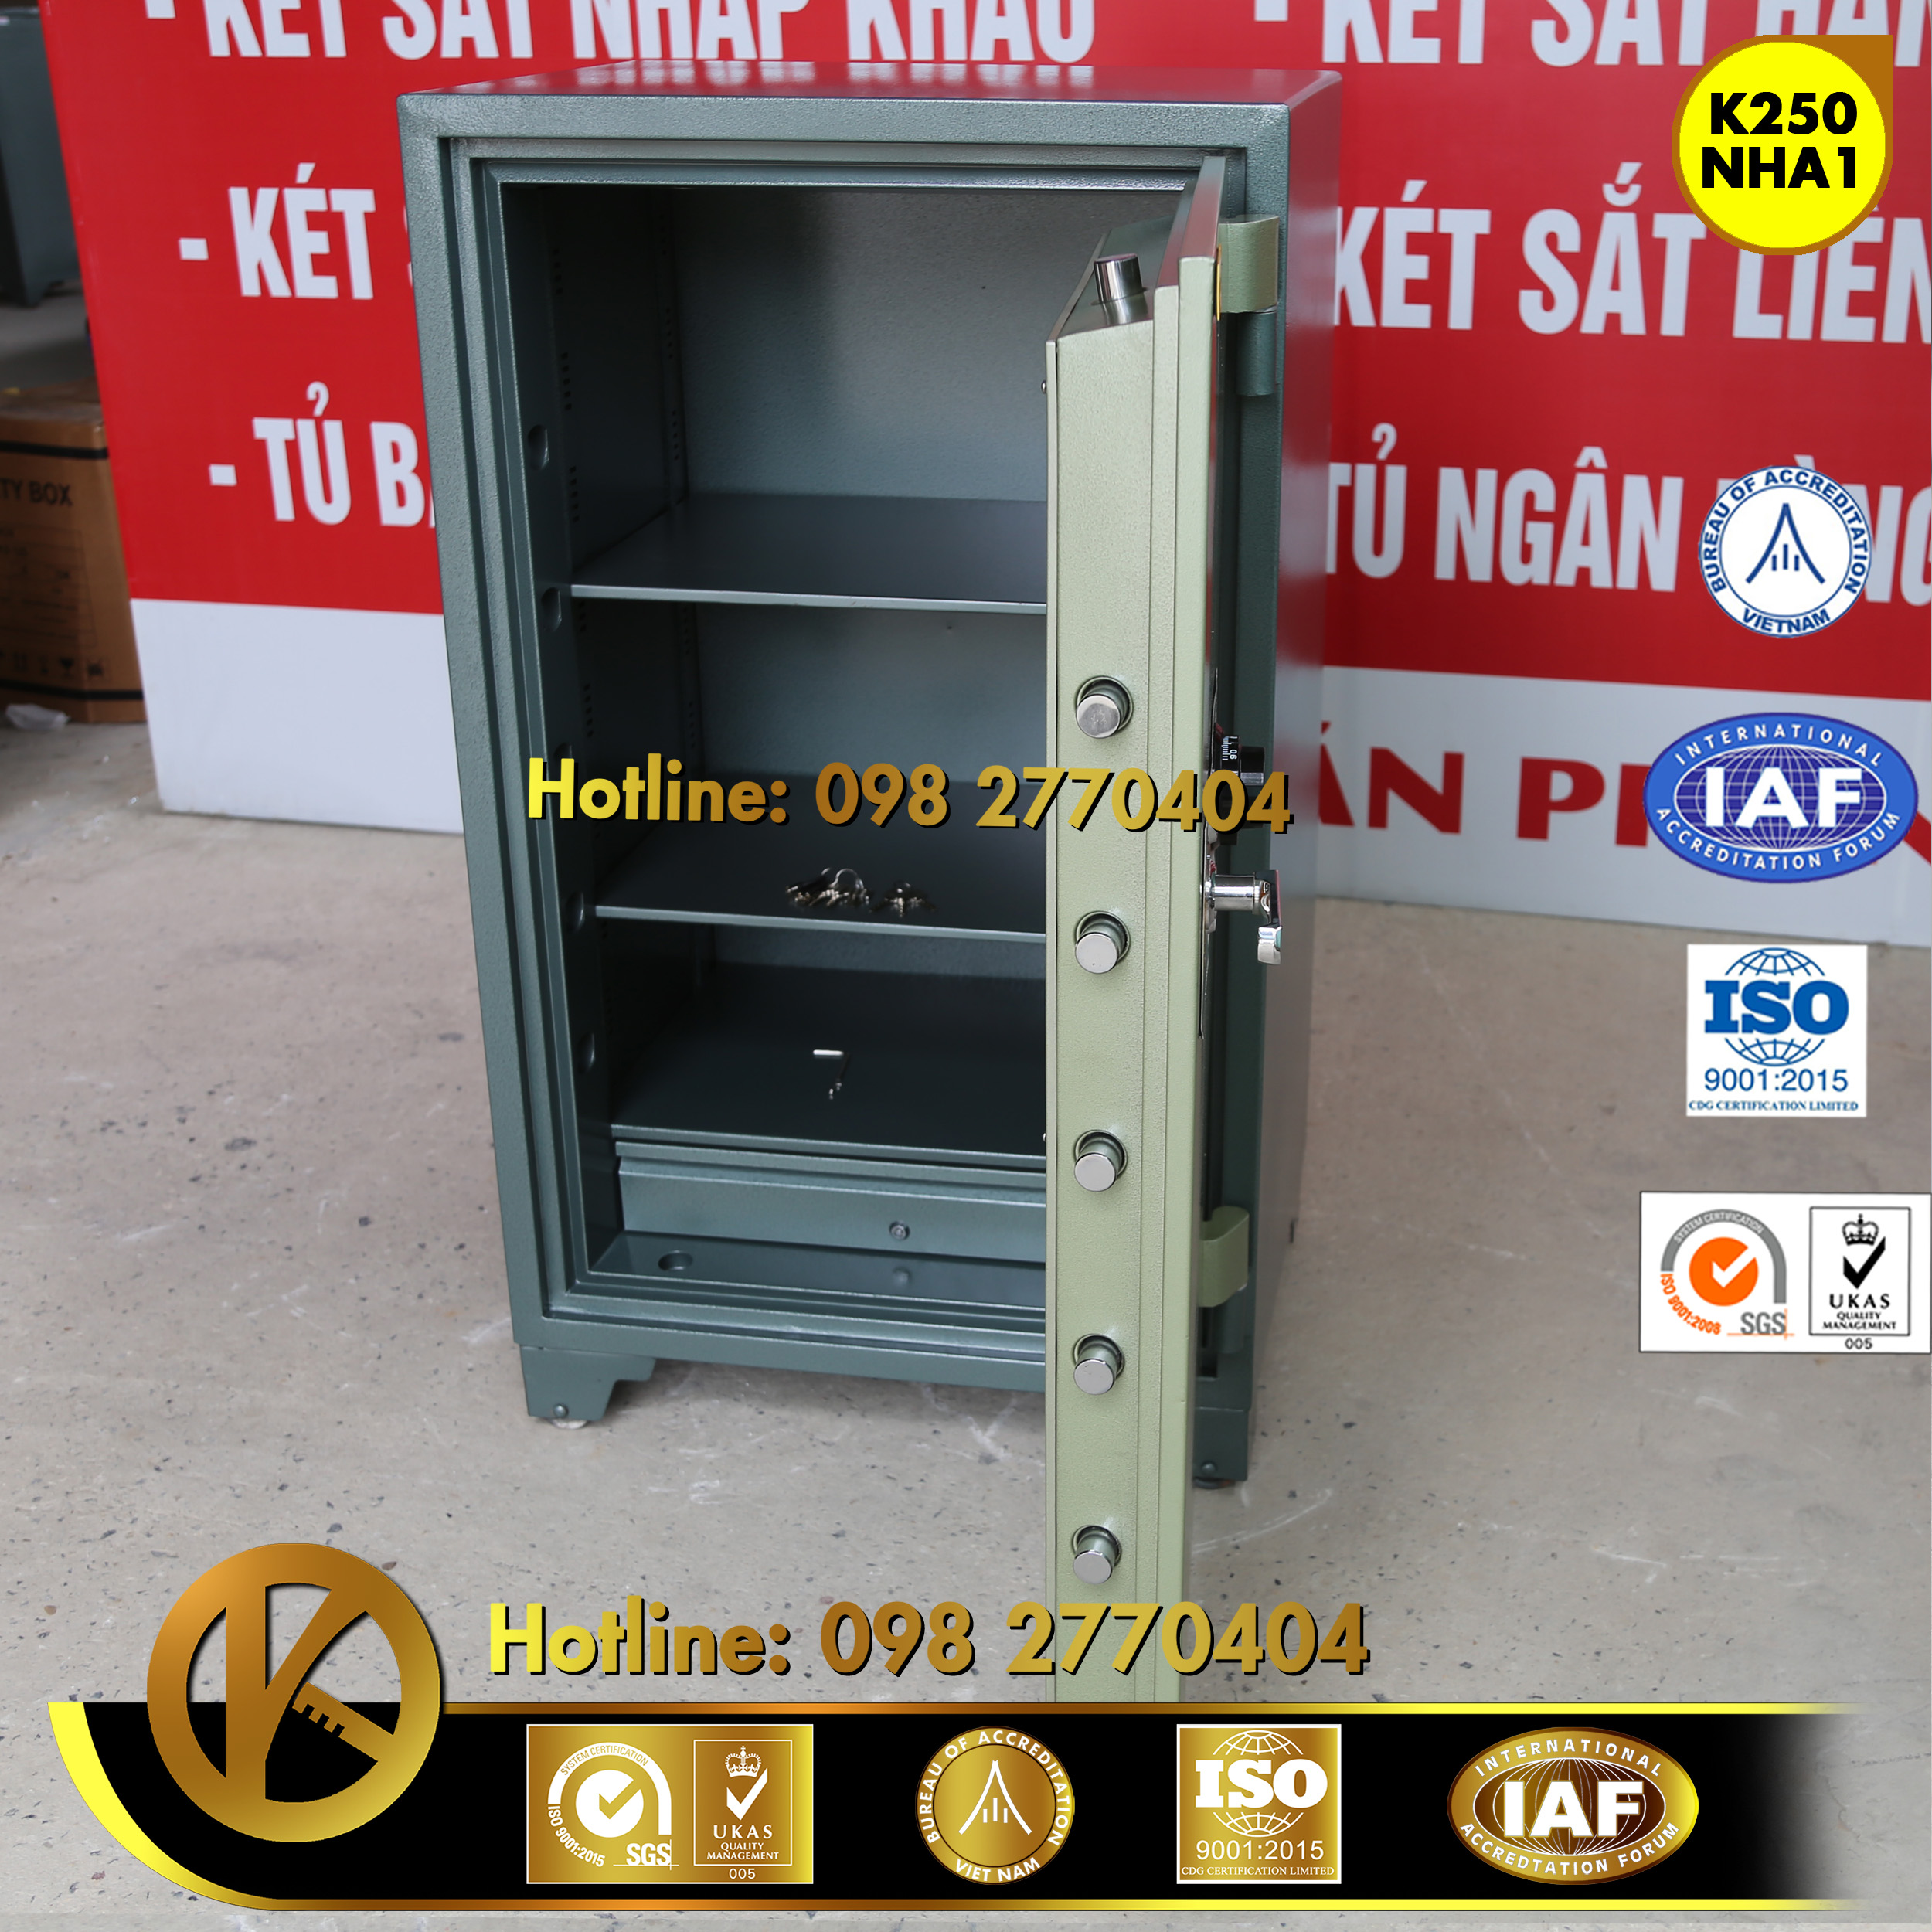 KÉT SẮT NGÂN HÀNG BEMC K250 NHA1